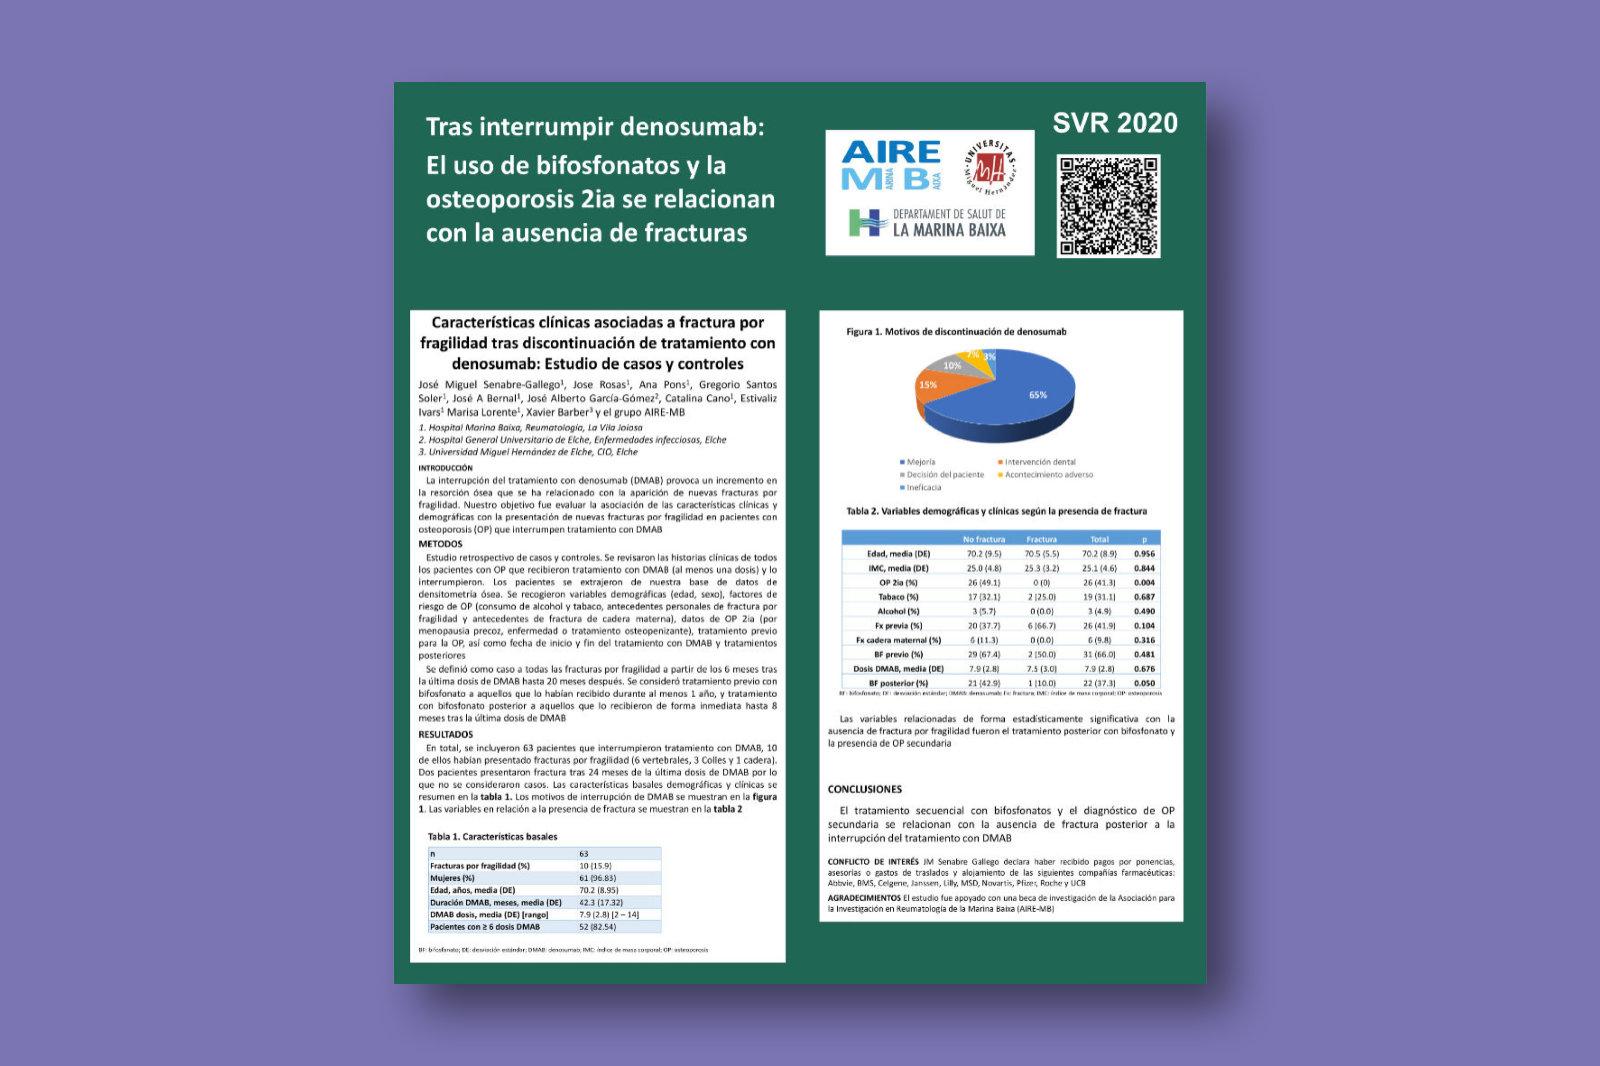 Características clínicas asociadas a fractura por fragilidad tras discontinuación de tratamiento con denosumab: estudio de casos y controles